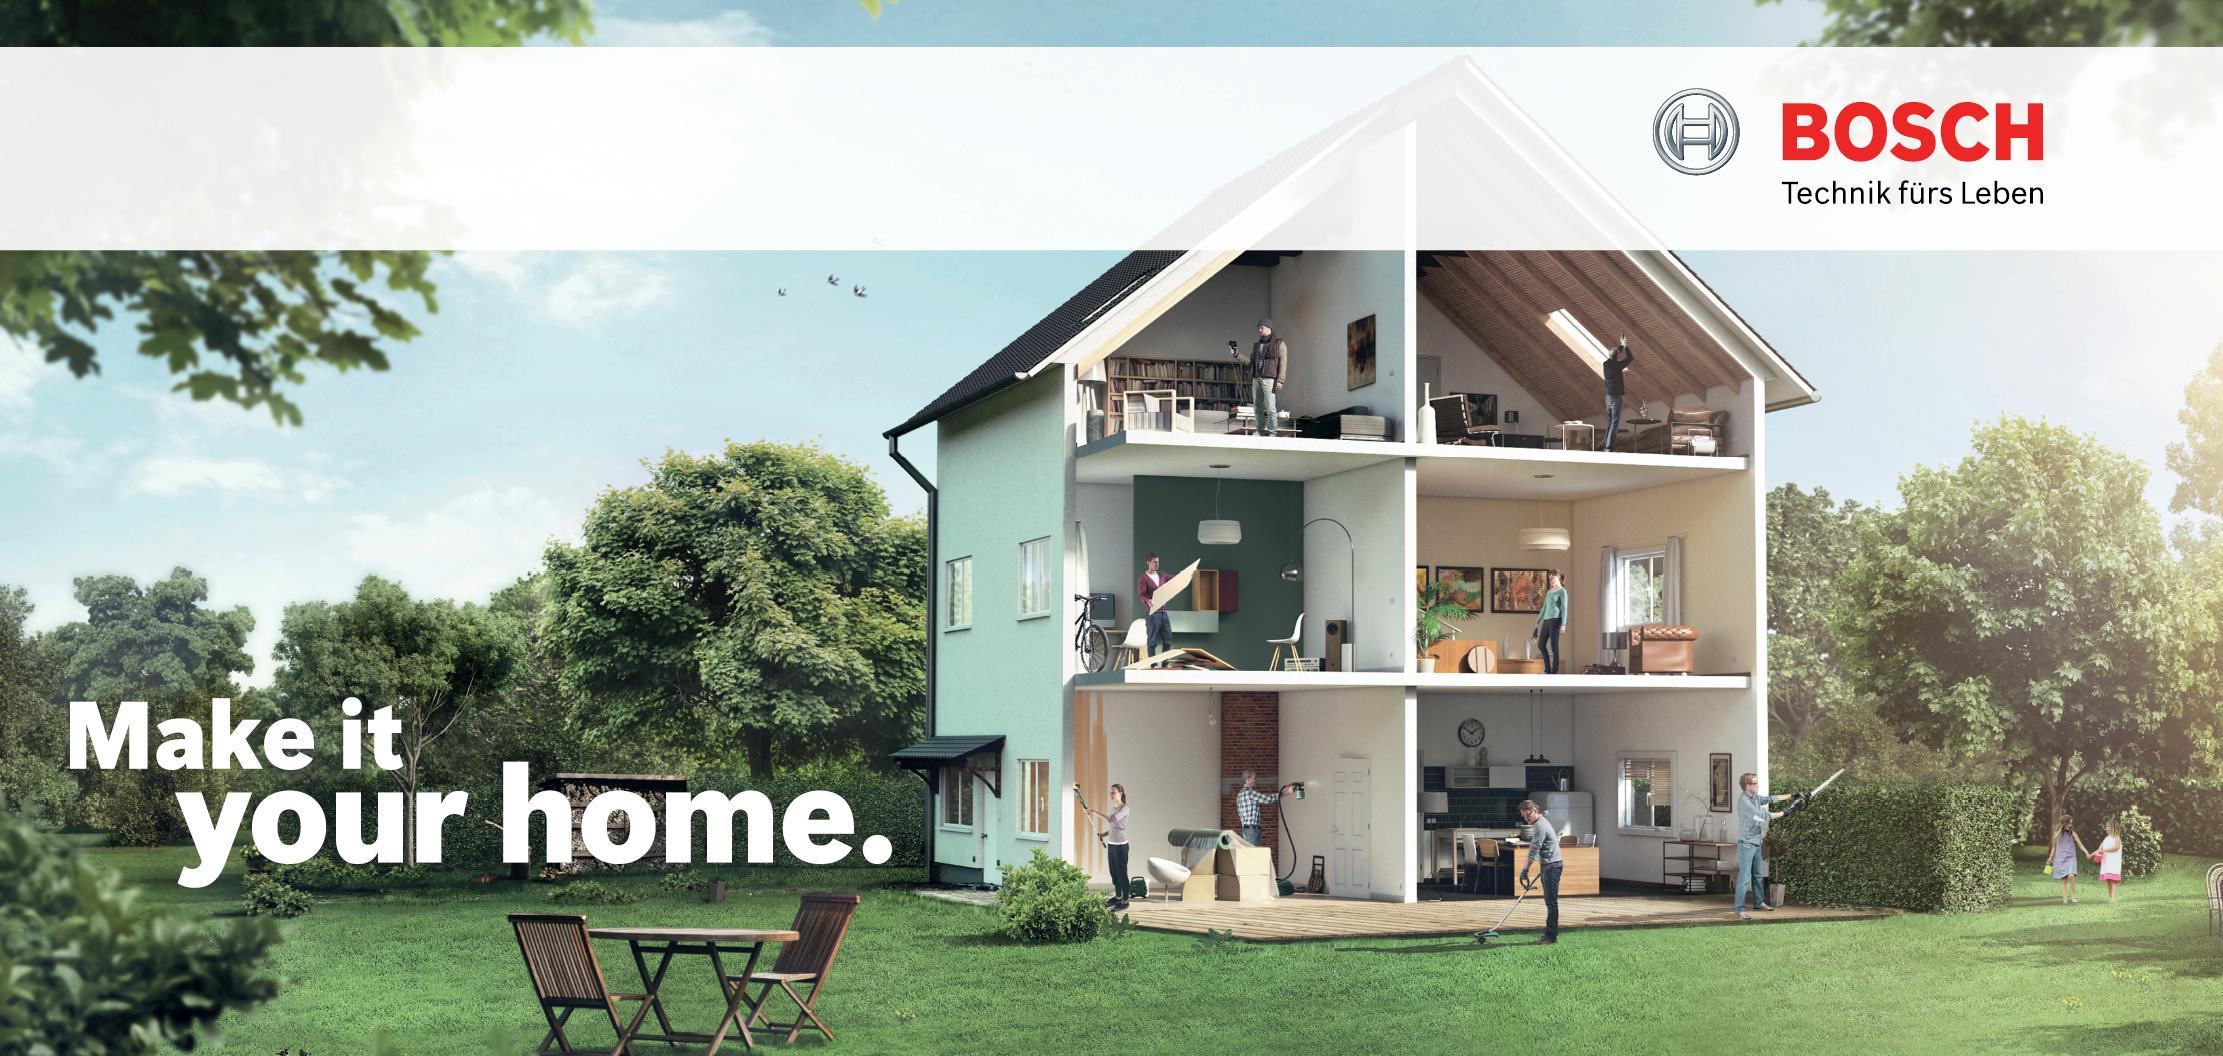 werkbank bosch werkstatt klappbar arbeitstisch ebay. Black Bedroom Furniture Sets. Home Design Ideas